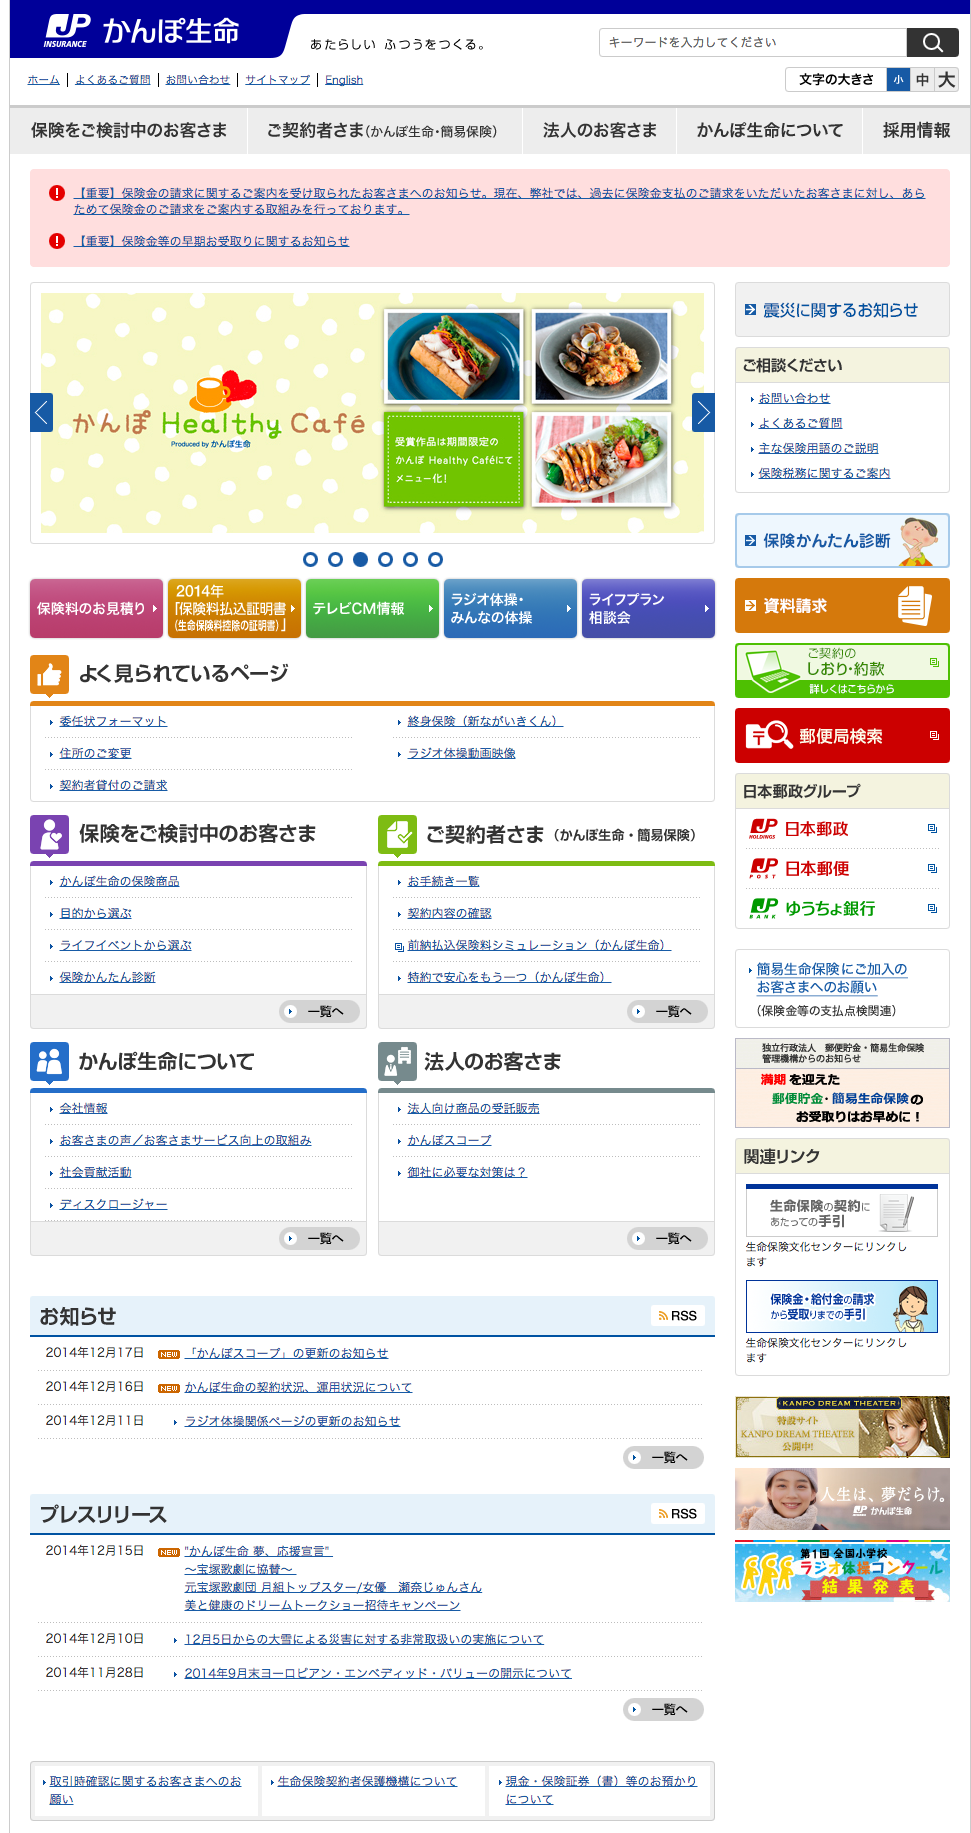 株式会社かんぽ生命保険 Via Http Www Jp Life Japanpost Jp Index Html 生命保険